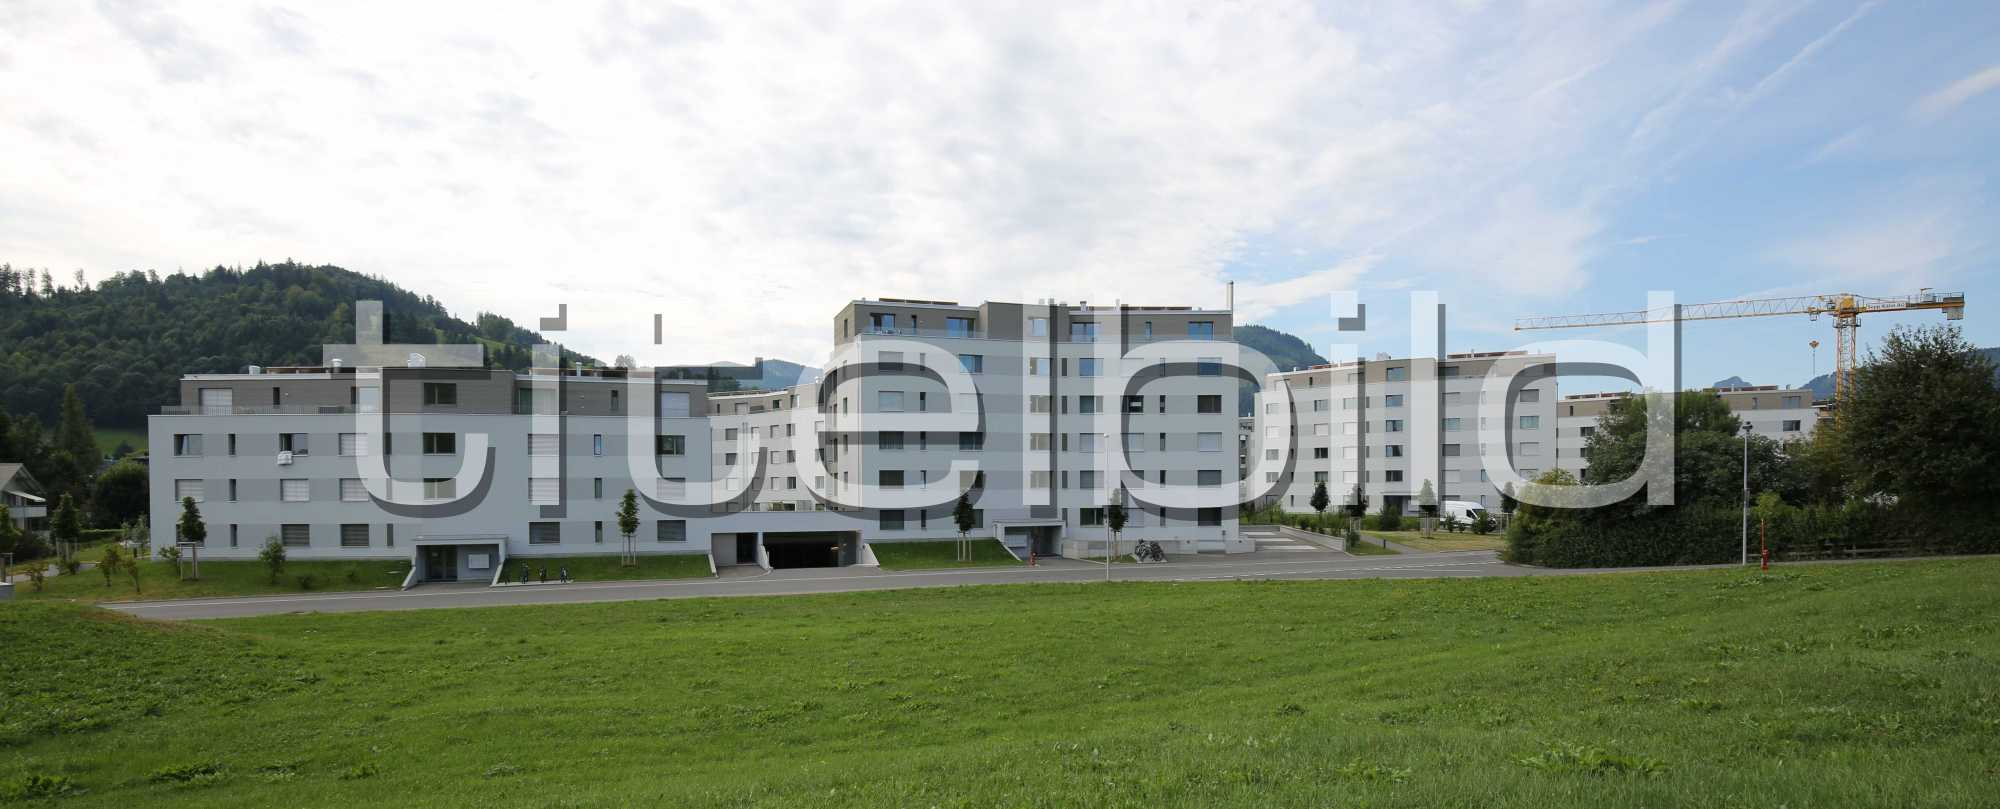 Projektbild-Nr. 9: Überbauung Obere Allmeind, 8840 Einsiedeln